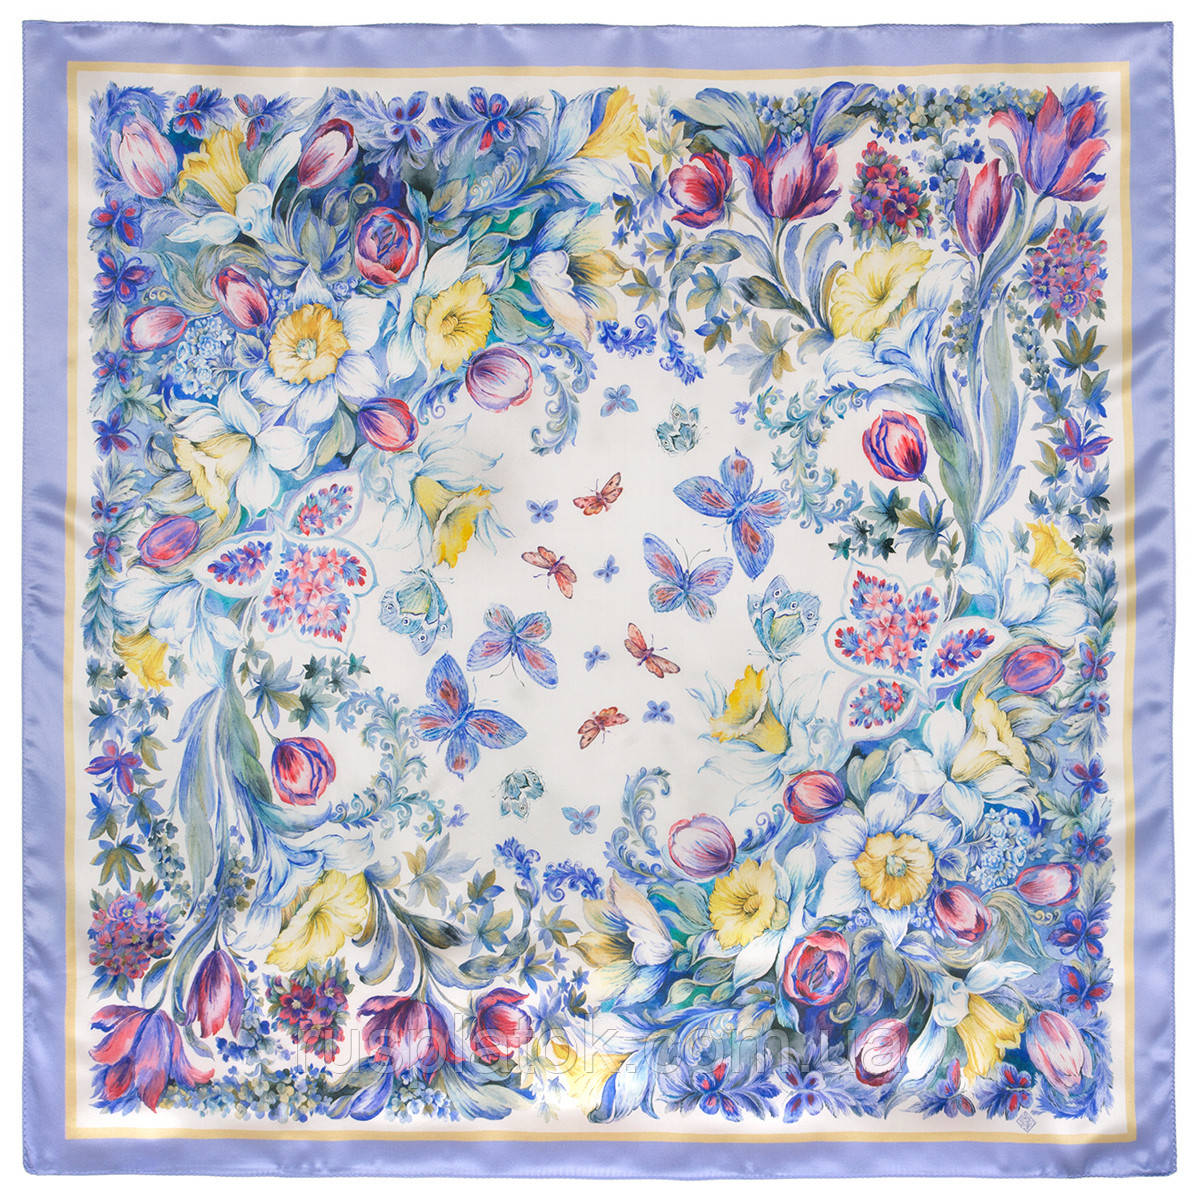 Предчувствие любви 10019-15, павлопосадский платок (атлас) шелковый с подрубкой